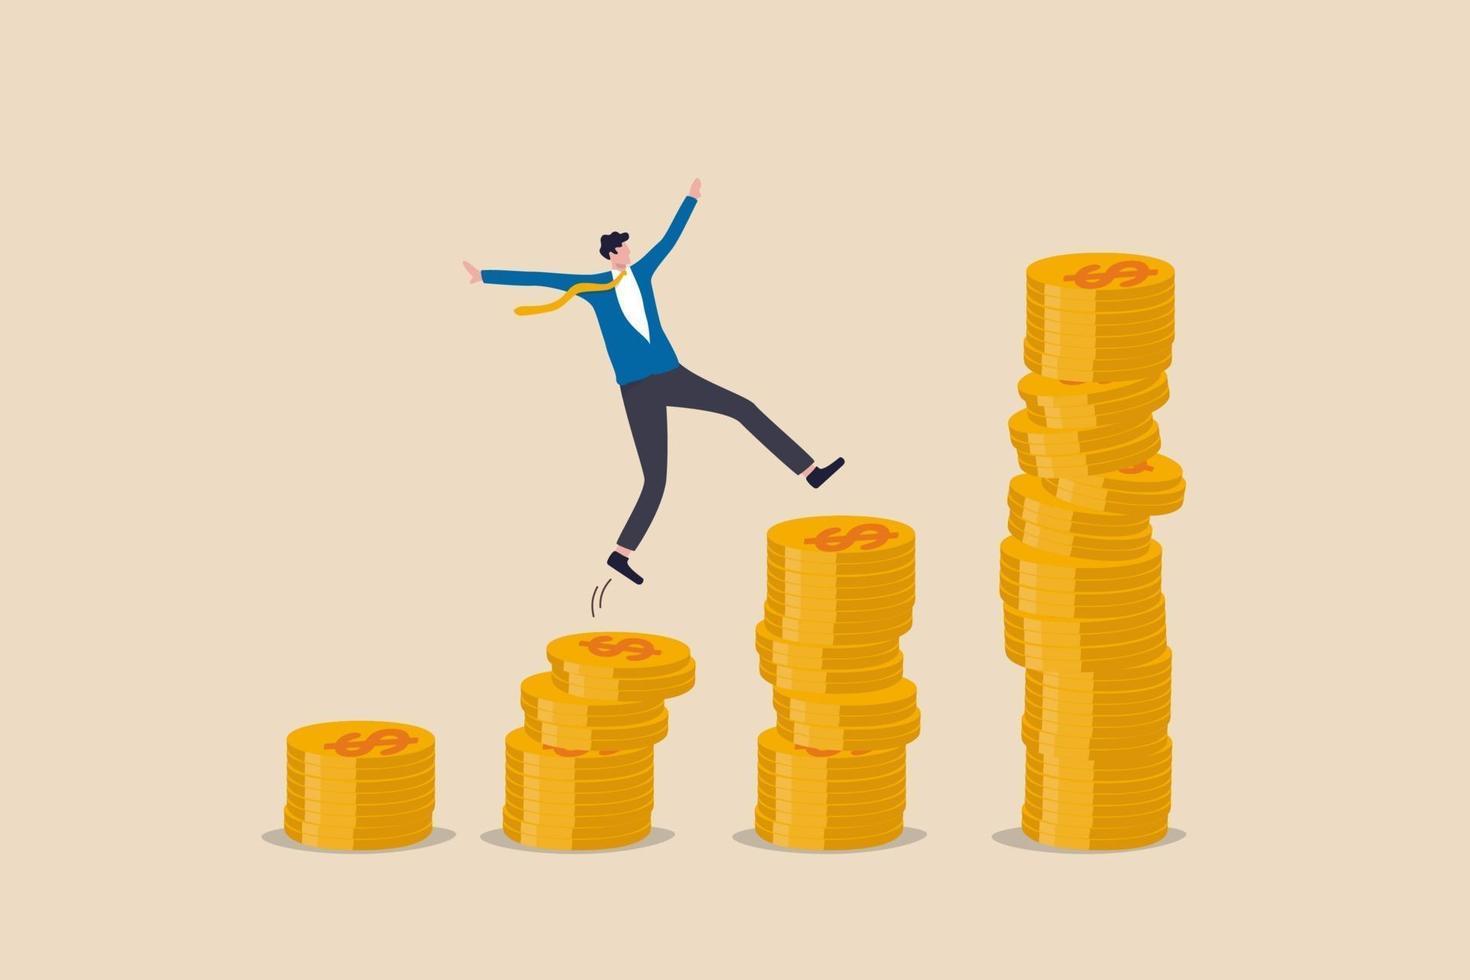 sammansatt ränta, investering i penningtillväxt, välstånd eller intjäning och lönsamhet lager koncept vektor